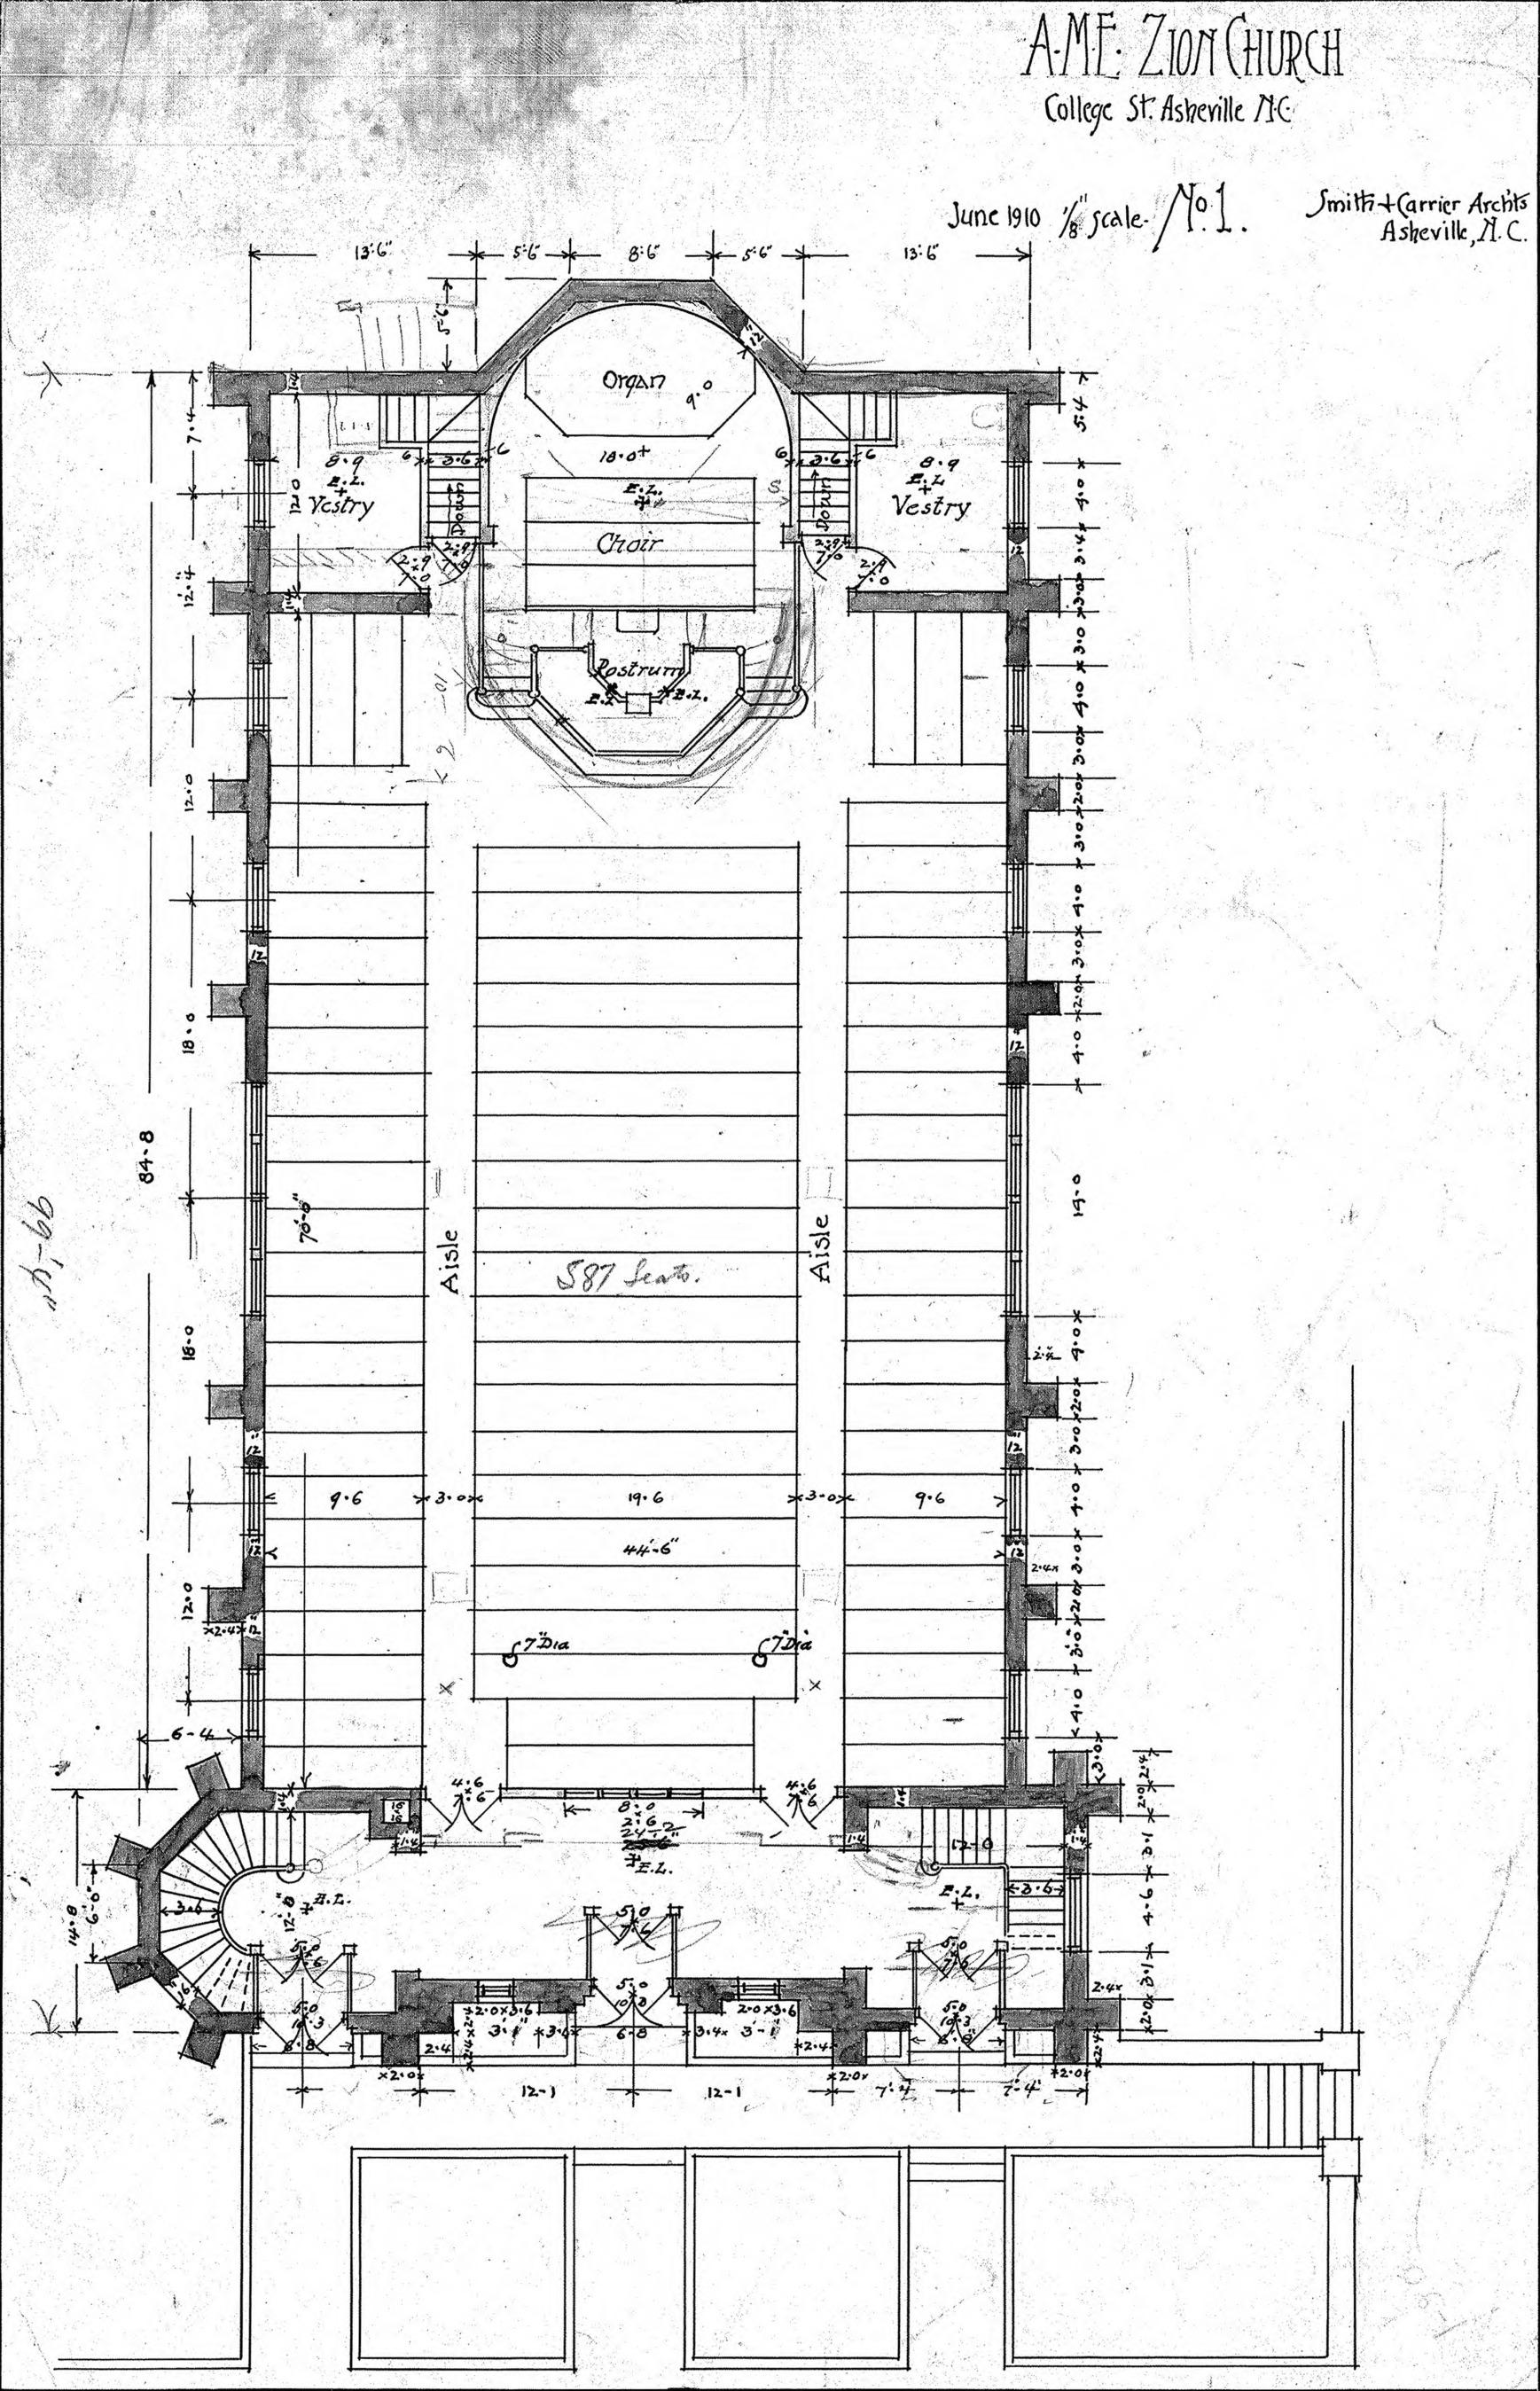 Ame zion church floor plan no 1 a m e zion church Church floor plans online